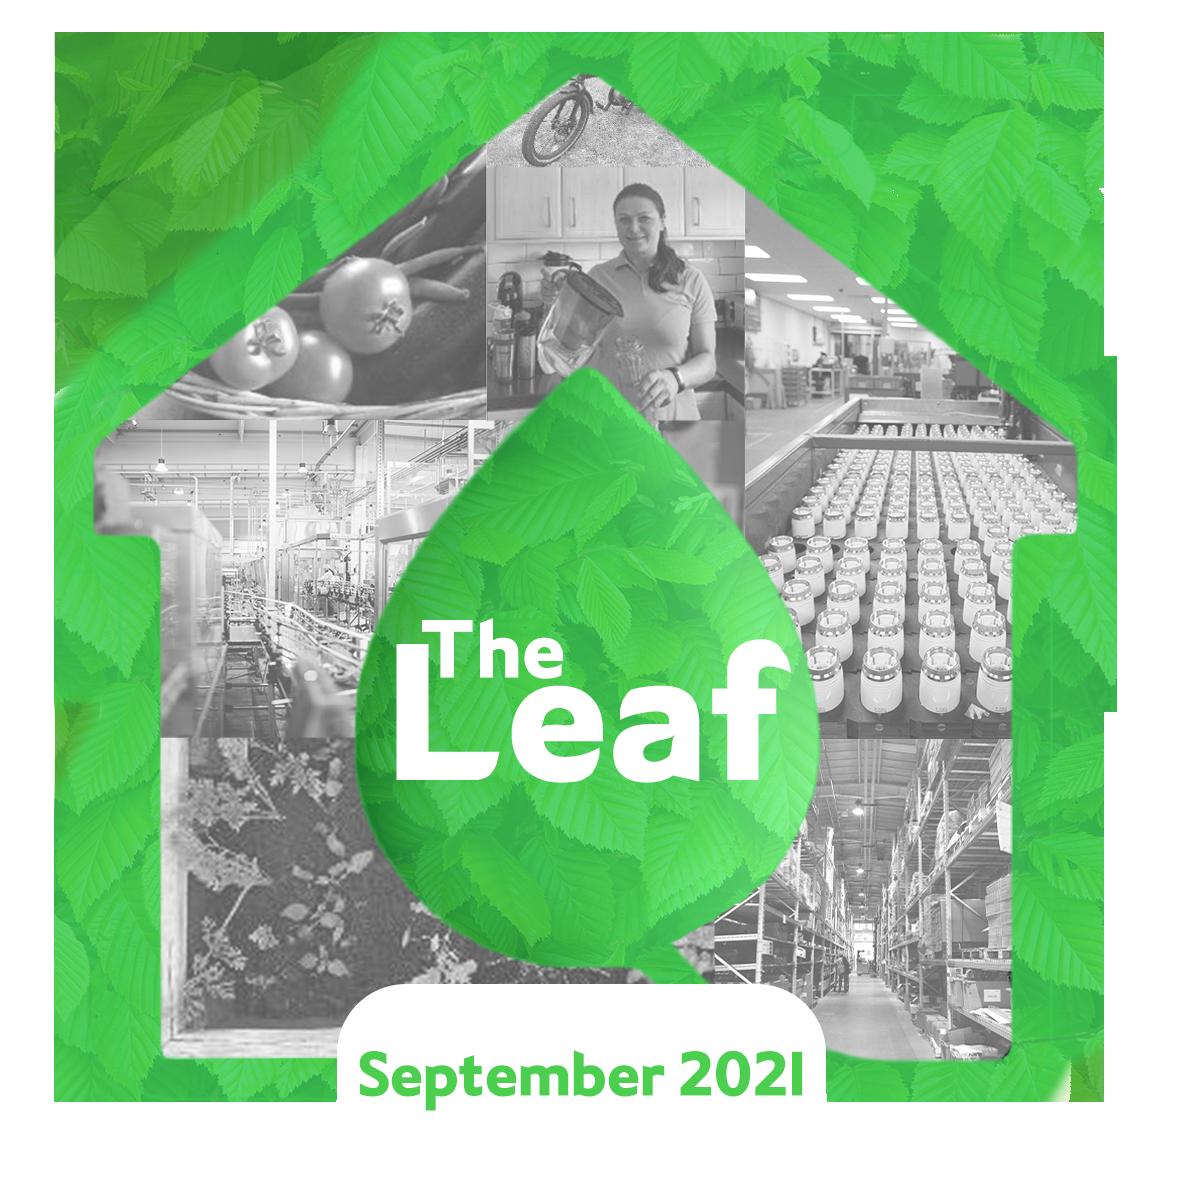 The Leaf - Drayton Sustainability Blog - September 2021